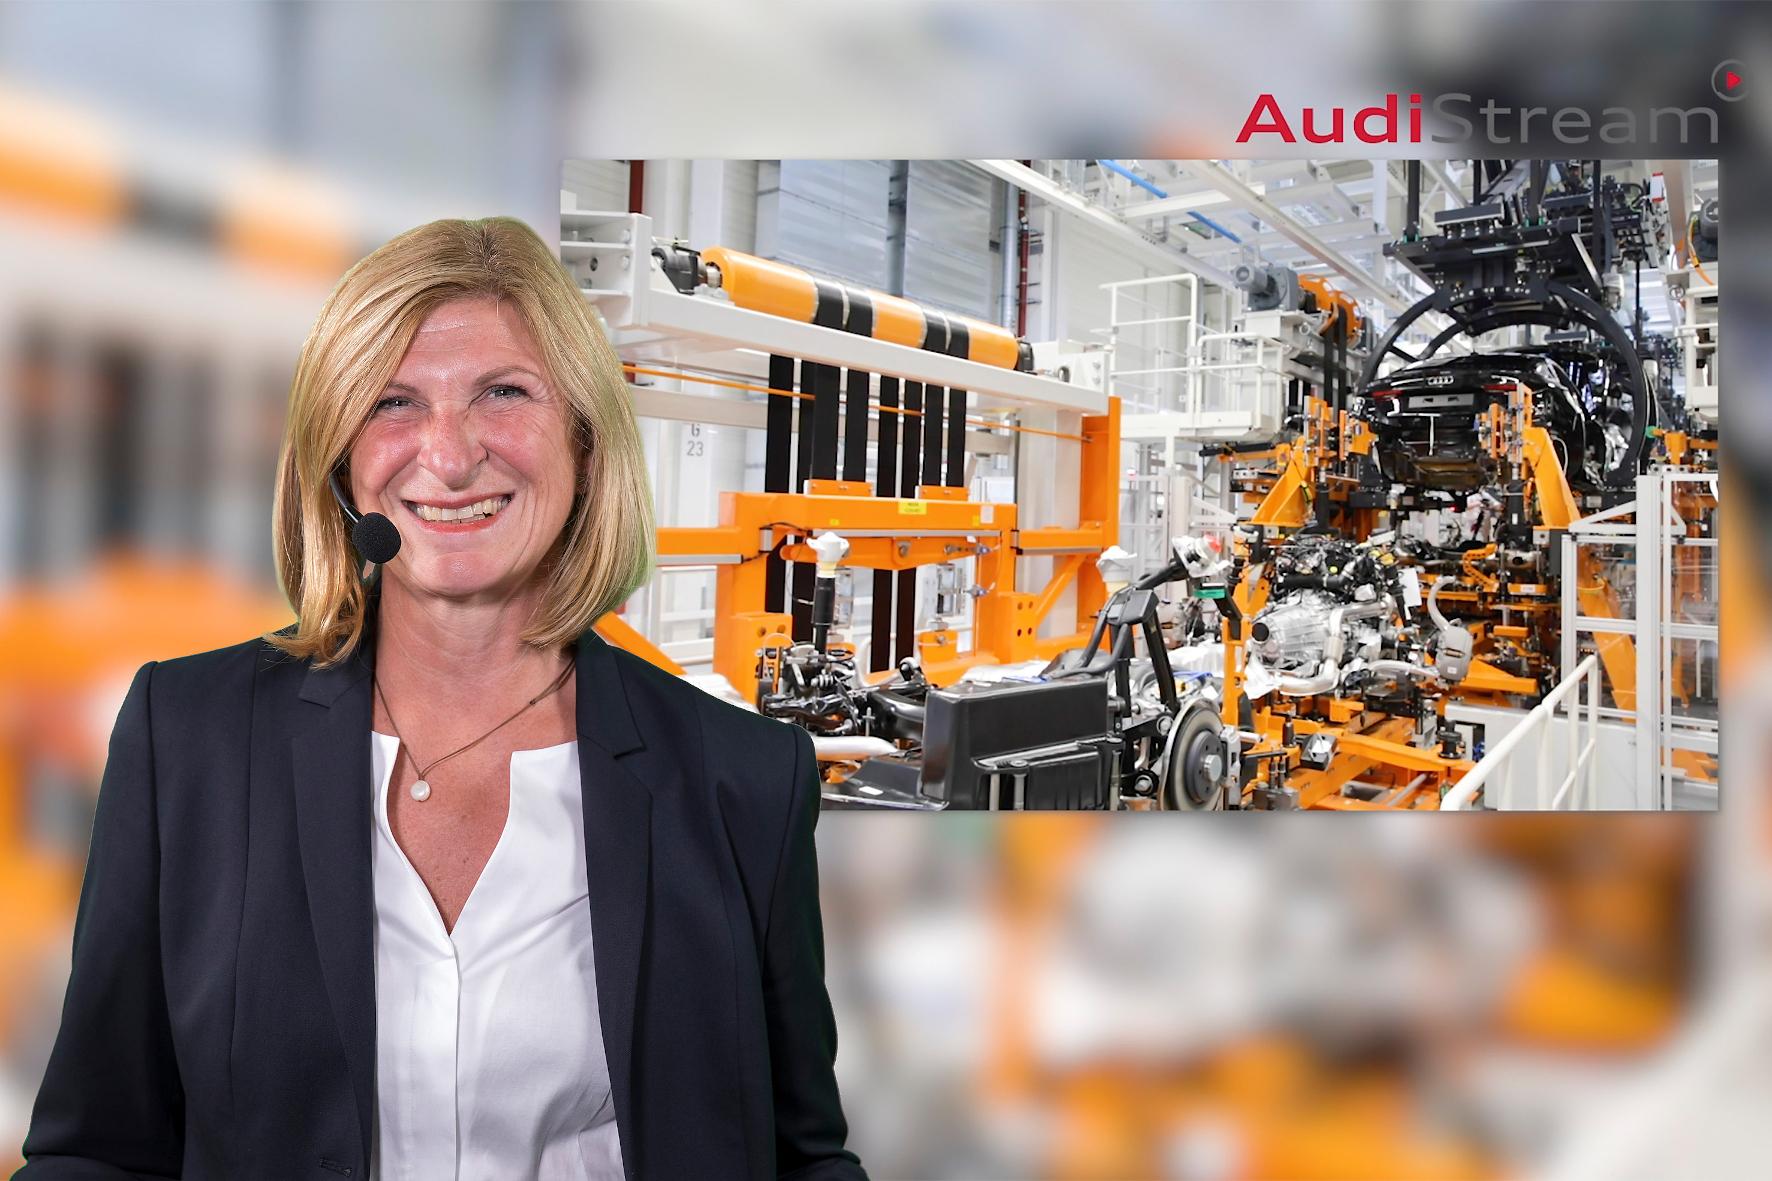 mid Groß-Gerau - Erfahrene Tourguides begleiten den virtuellen Rundgang durch die Audi-Produktionsanlagen und beantworten Fragen im Livestream. Audi